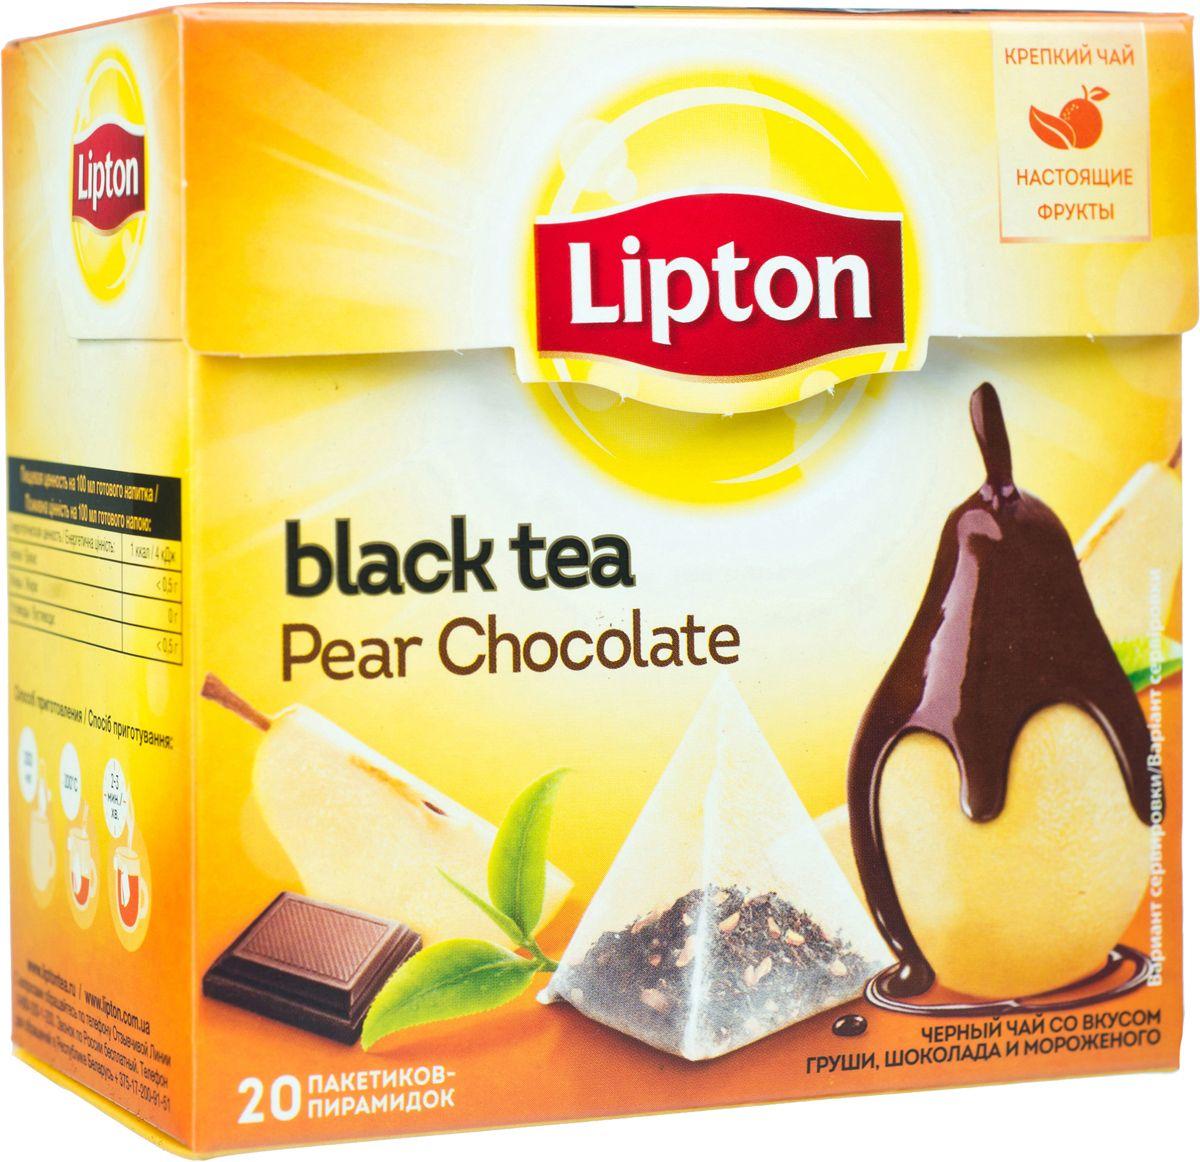 Lipton Черный чай Pear Chocolate 20 шт0120710Lipton Pear Chocolate - черный байховый чай с ароматизатором груши и шоколада, а также кусочками фруктов. Выпив чашечку черного чая Lipton Pear Chocolate со вкусом аппетитной груши, шоколада и шарика тающего мороженого, вы не только побалуете себя изысканным десертом, но и буквально перенесетесь в романтичный Париж, увидите очертания Эйфелевой башни и услышите отзвуки канкана знаменитого кабаре Мулен Руж. Сладковатое послевкусие чая Lipton Pear Chocolate навеет ощущение пребывания на небольшой парижской улочке, пахнущей элегантными духами, наполненной звуками музыки и манящей соблазнами модных подиумов.